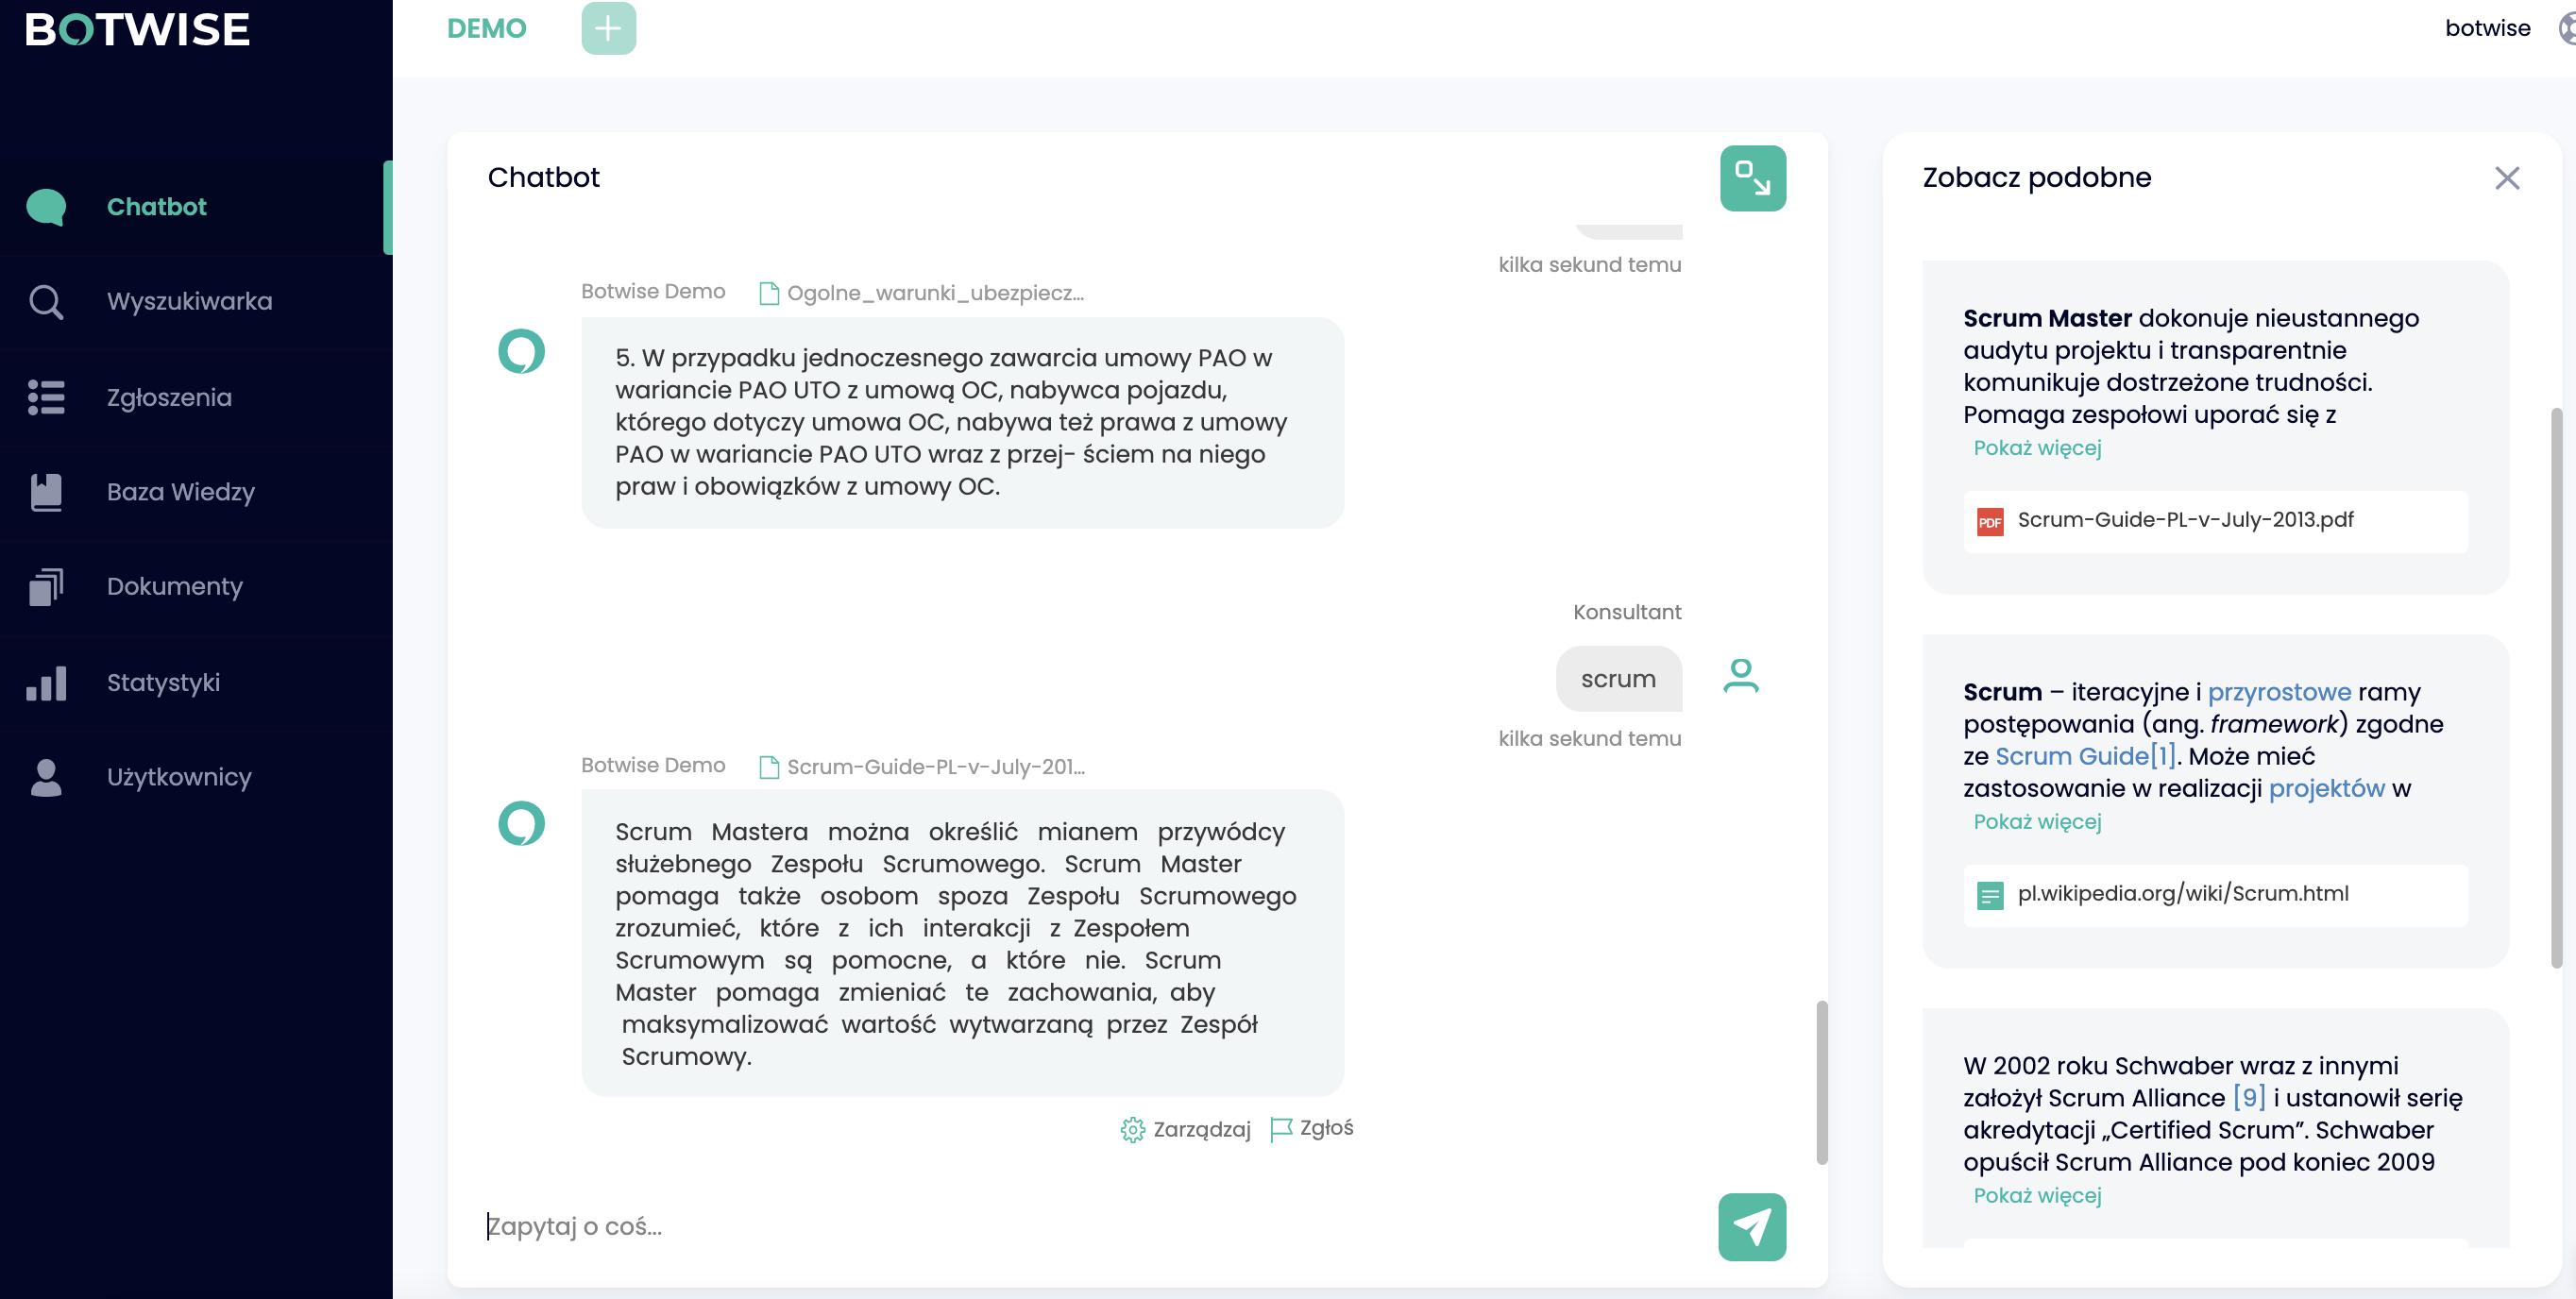 Chatbot proponuje podobne dokumenty, którymi mogą się przydać użytkownikowi